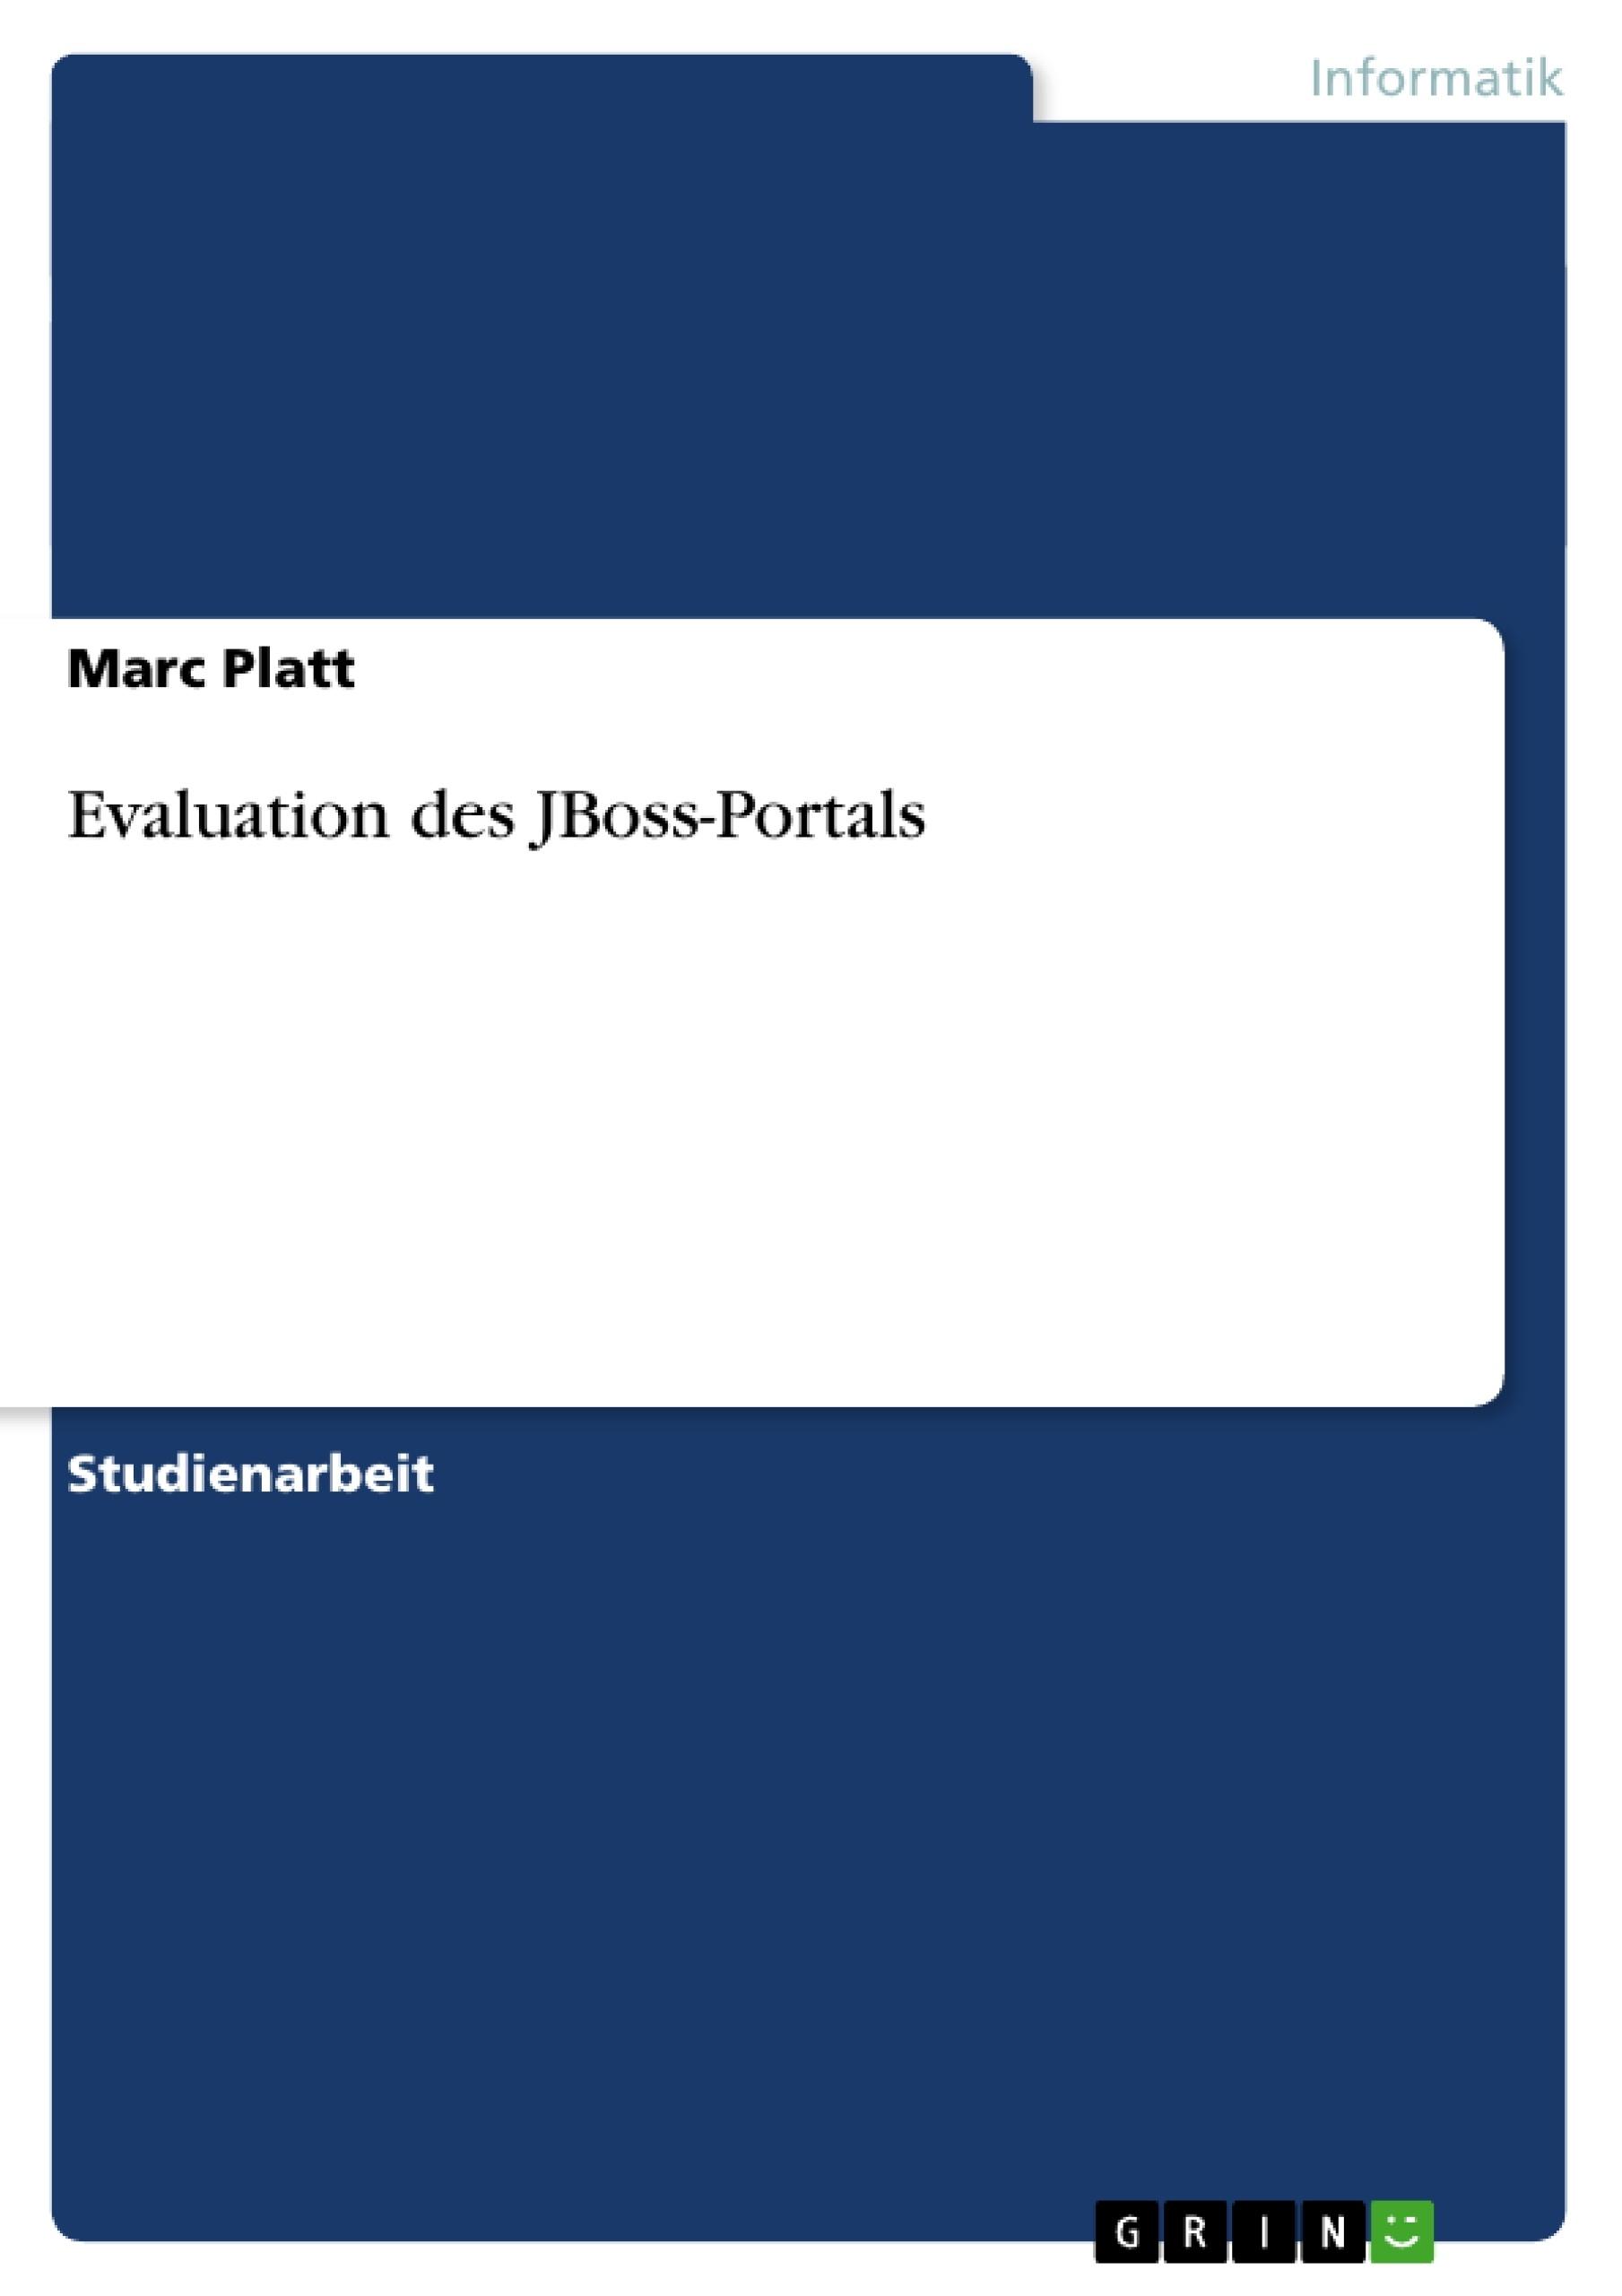 Titel: Evaluation des JBoss-Portals